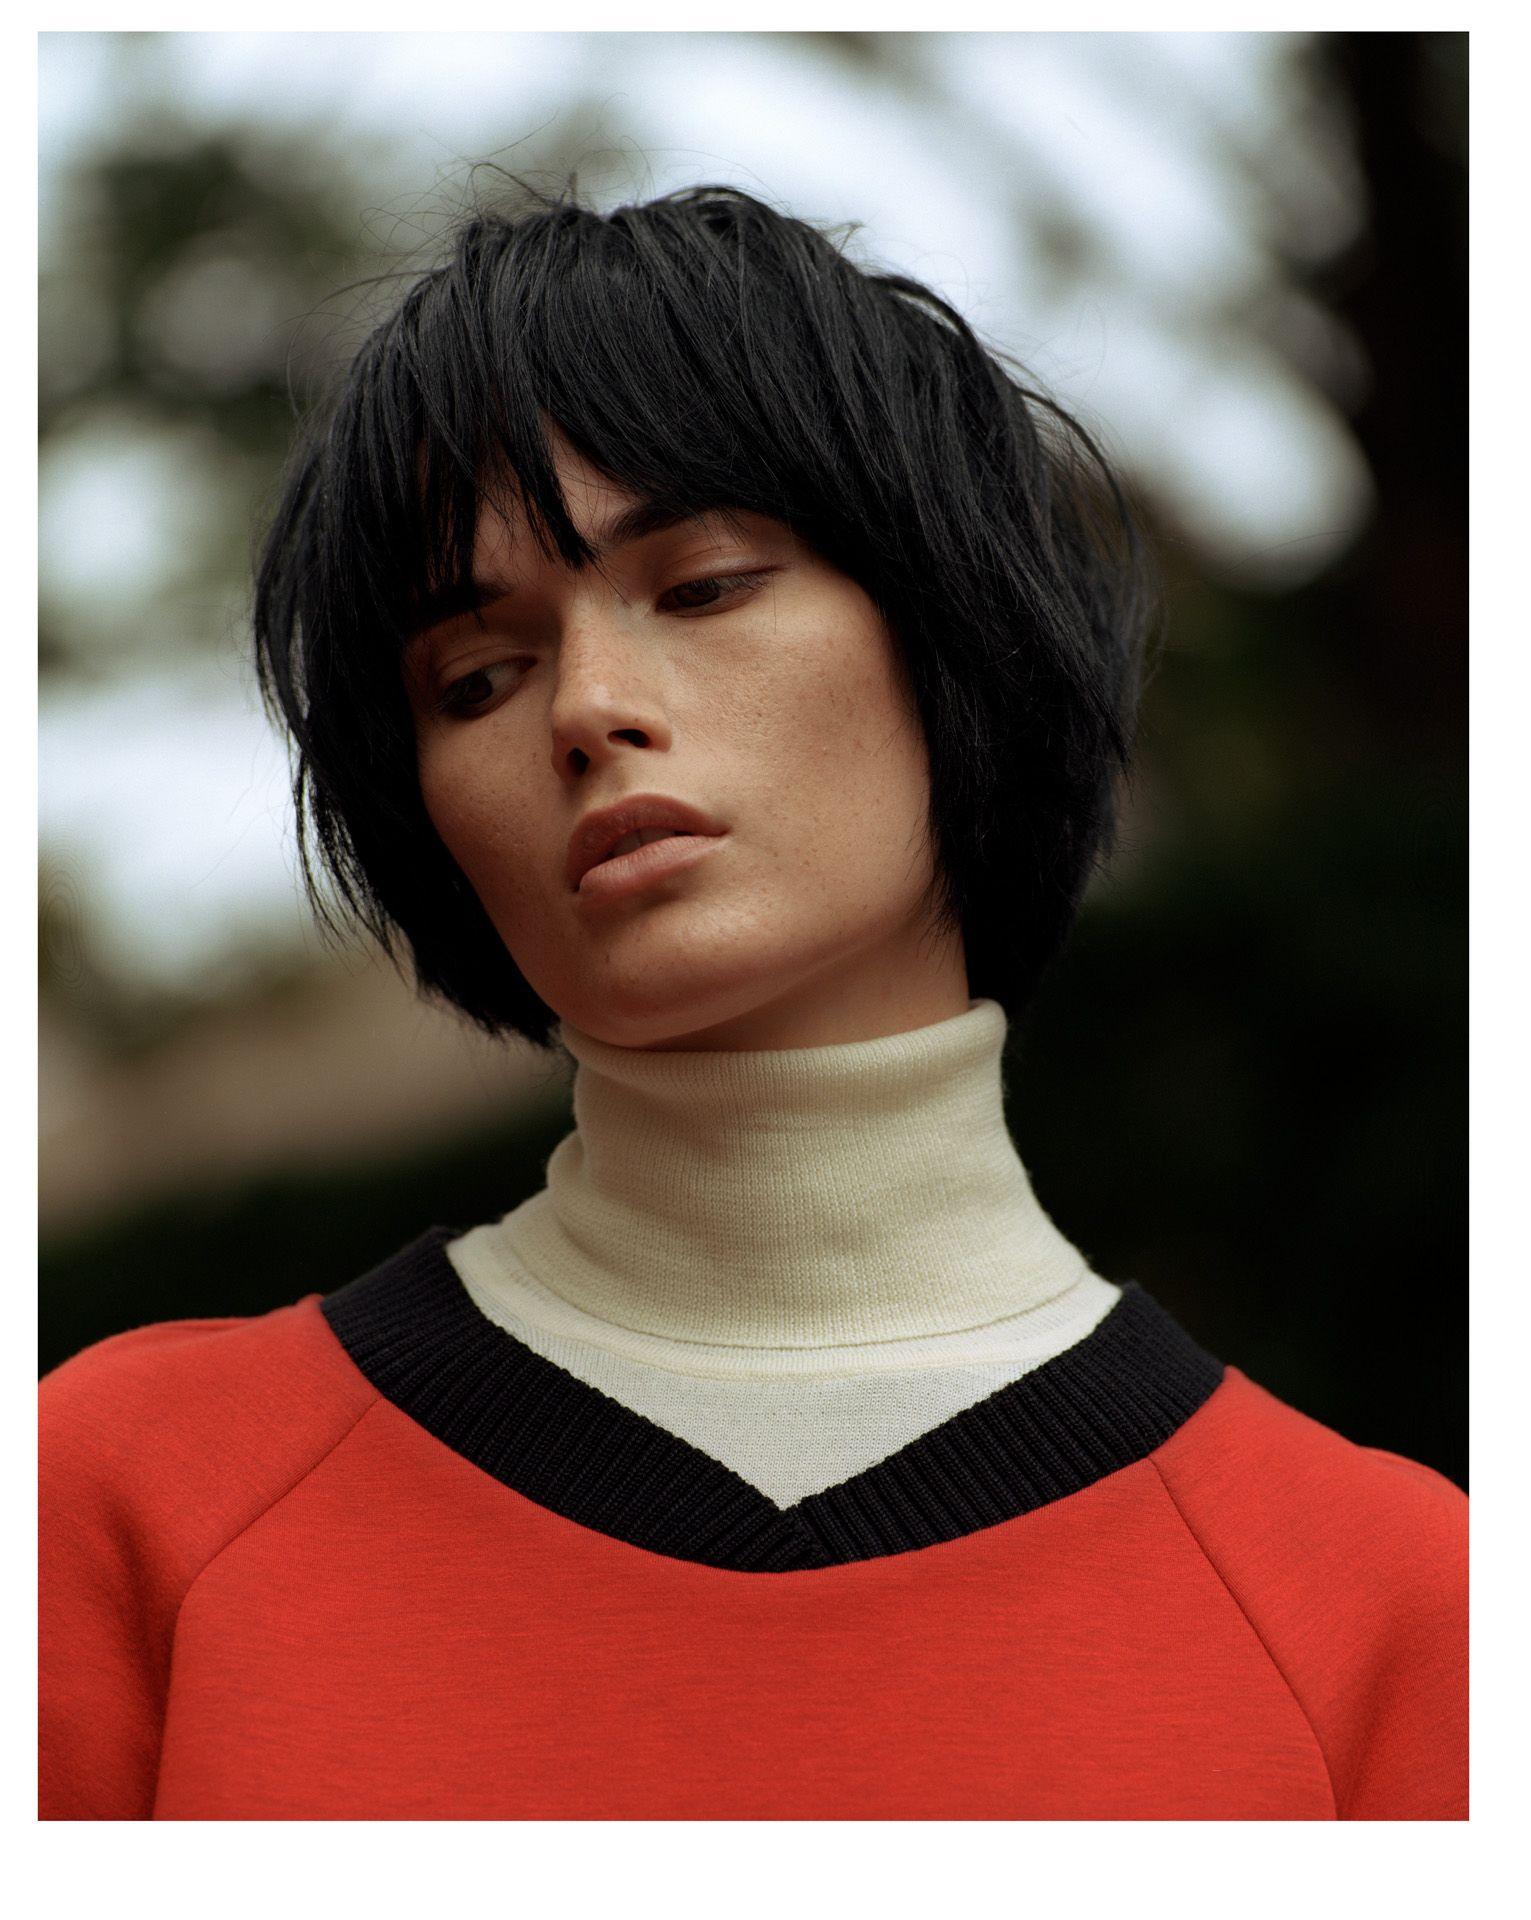 model by Maxyme G Delisle for Fraulein Magazine fashion editorial